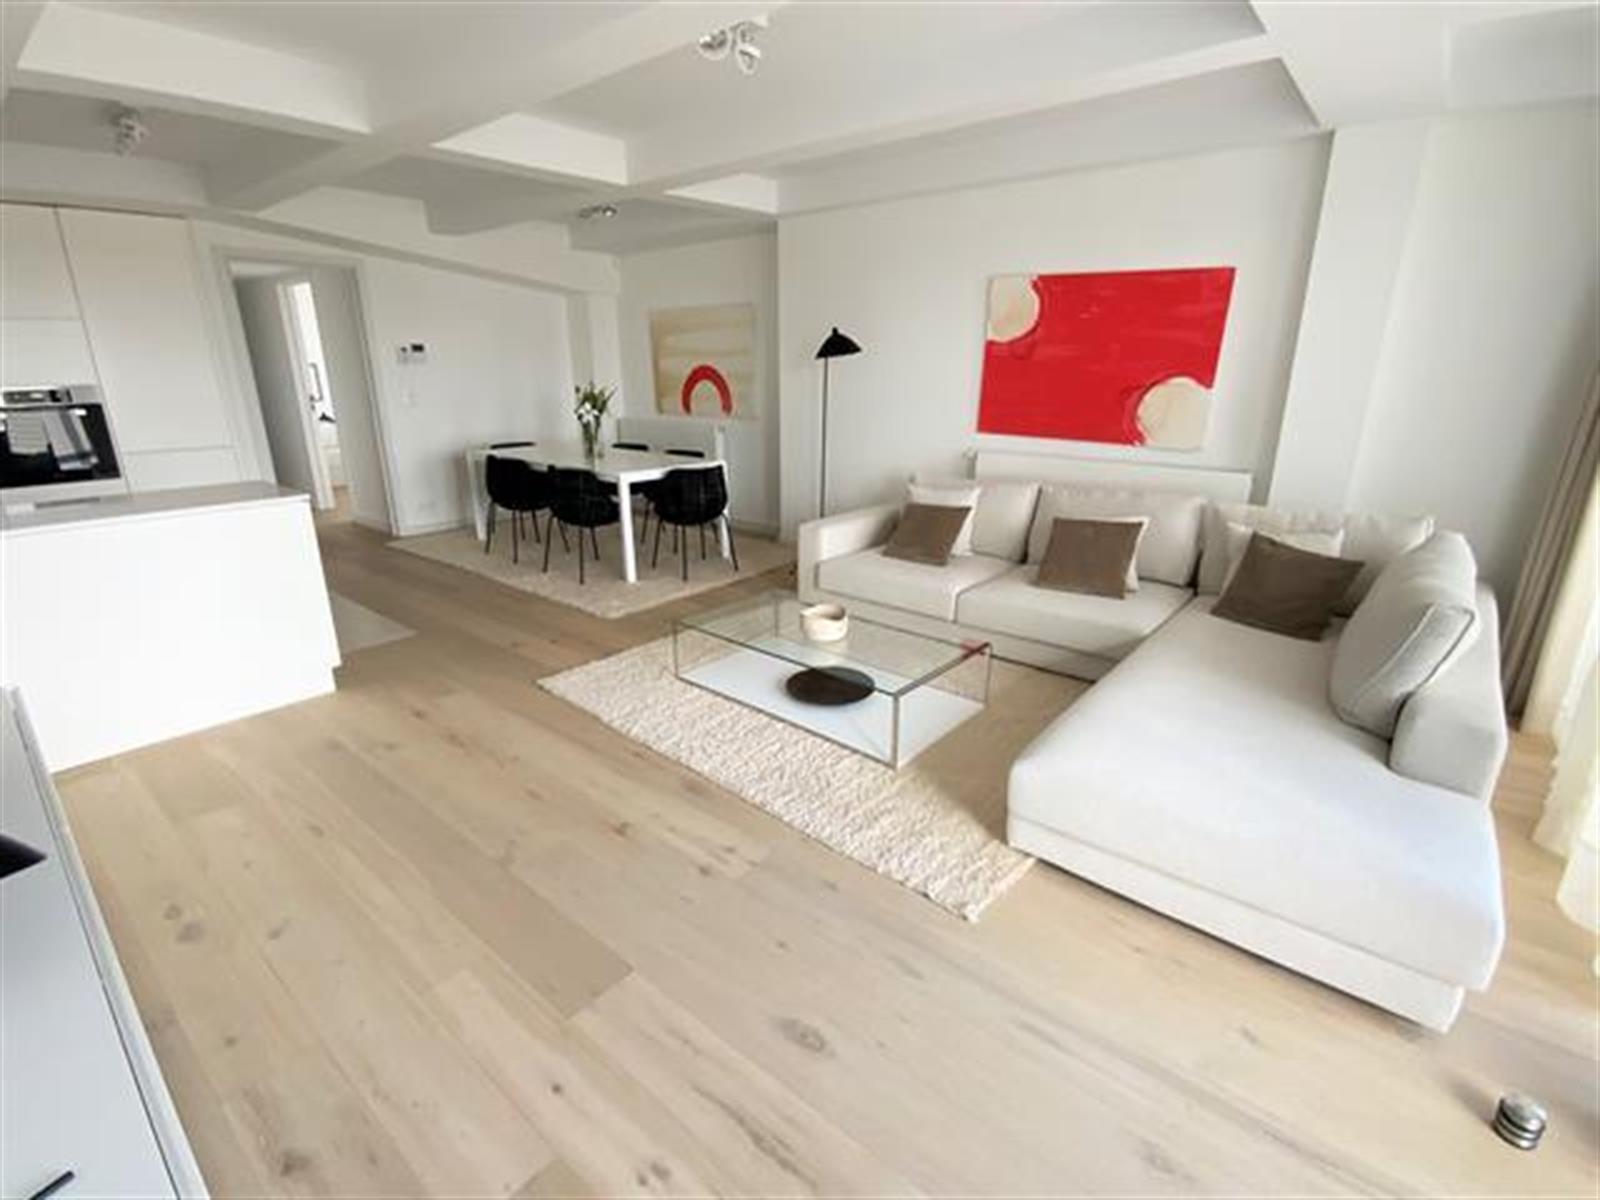 Flat - Ixelles - #4410787-0